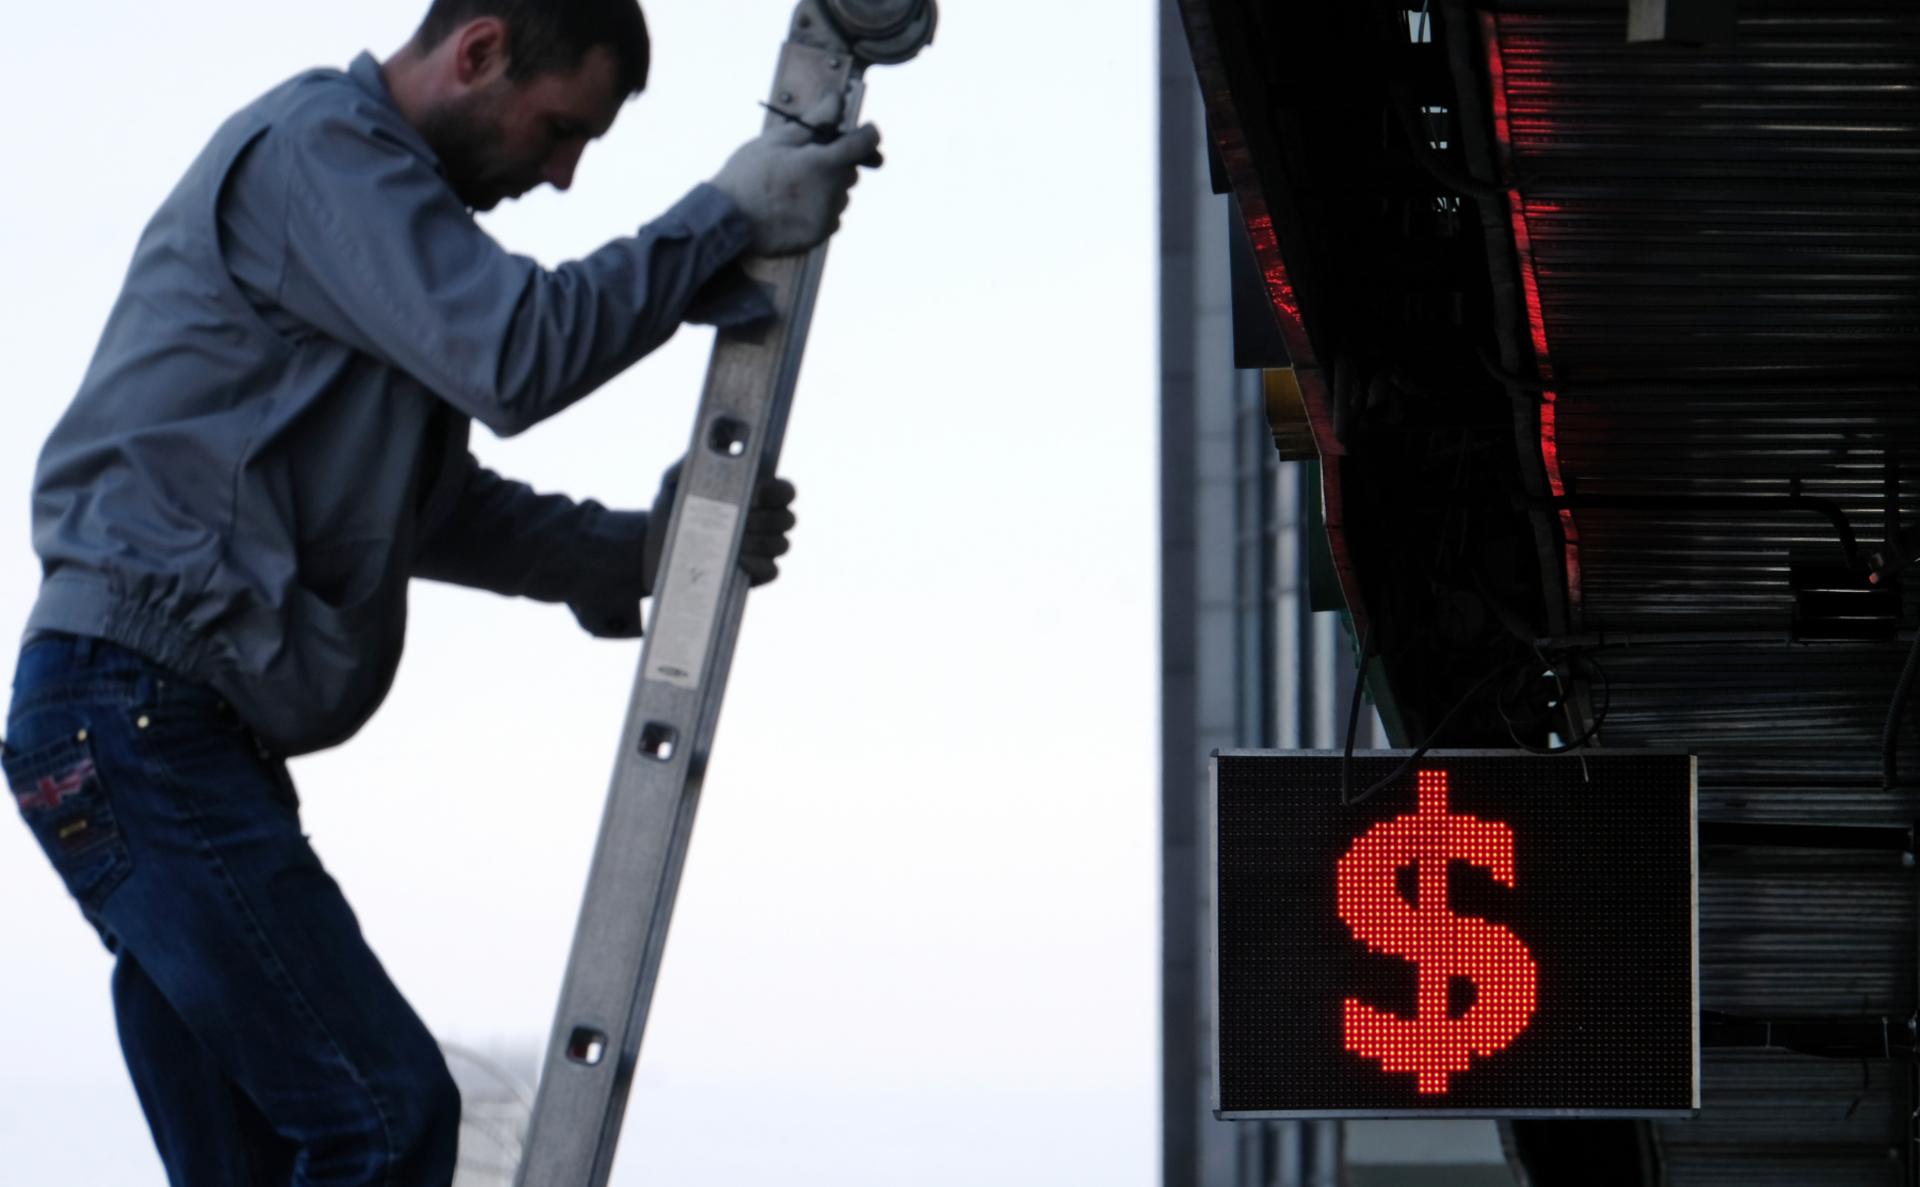 Экономисты спрогнозировали укрепление доллара до 82 руб.